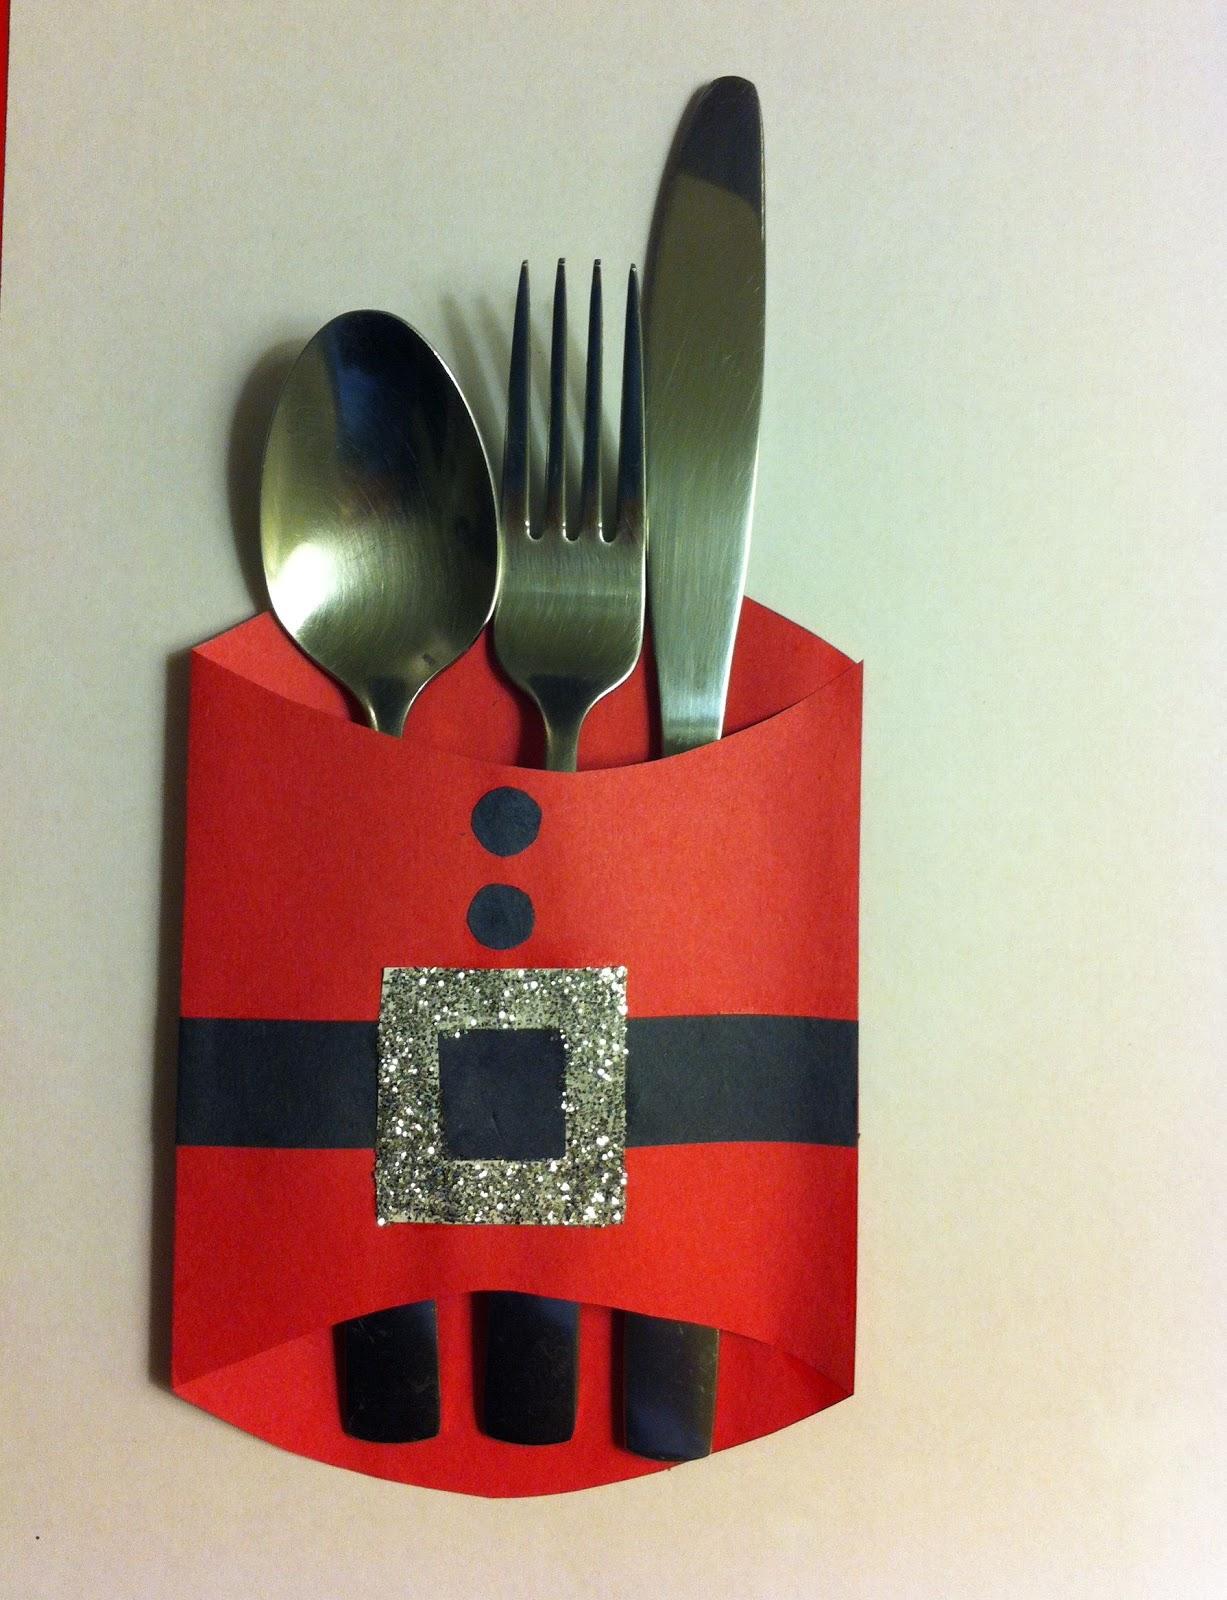 Fabiana carter utensil holder